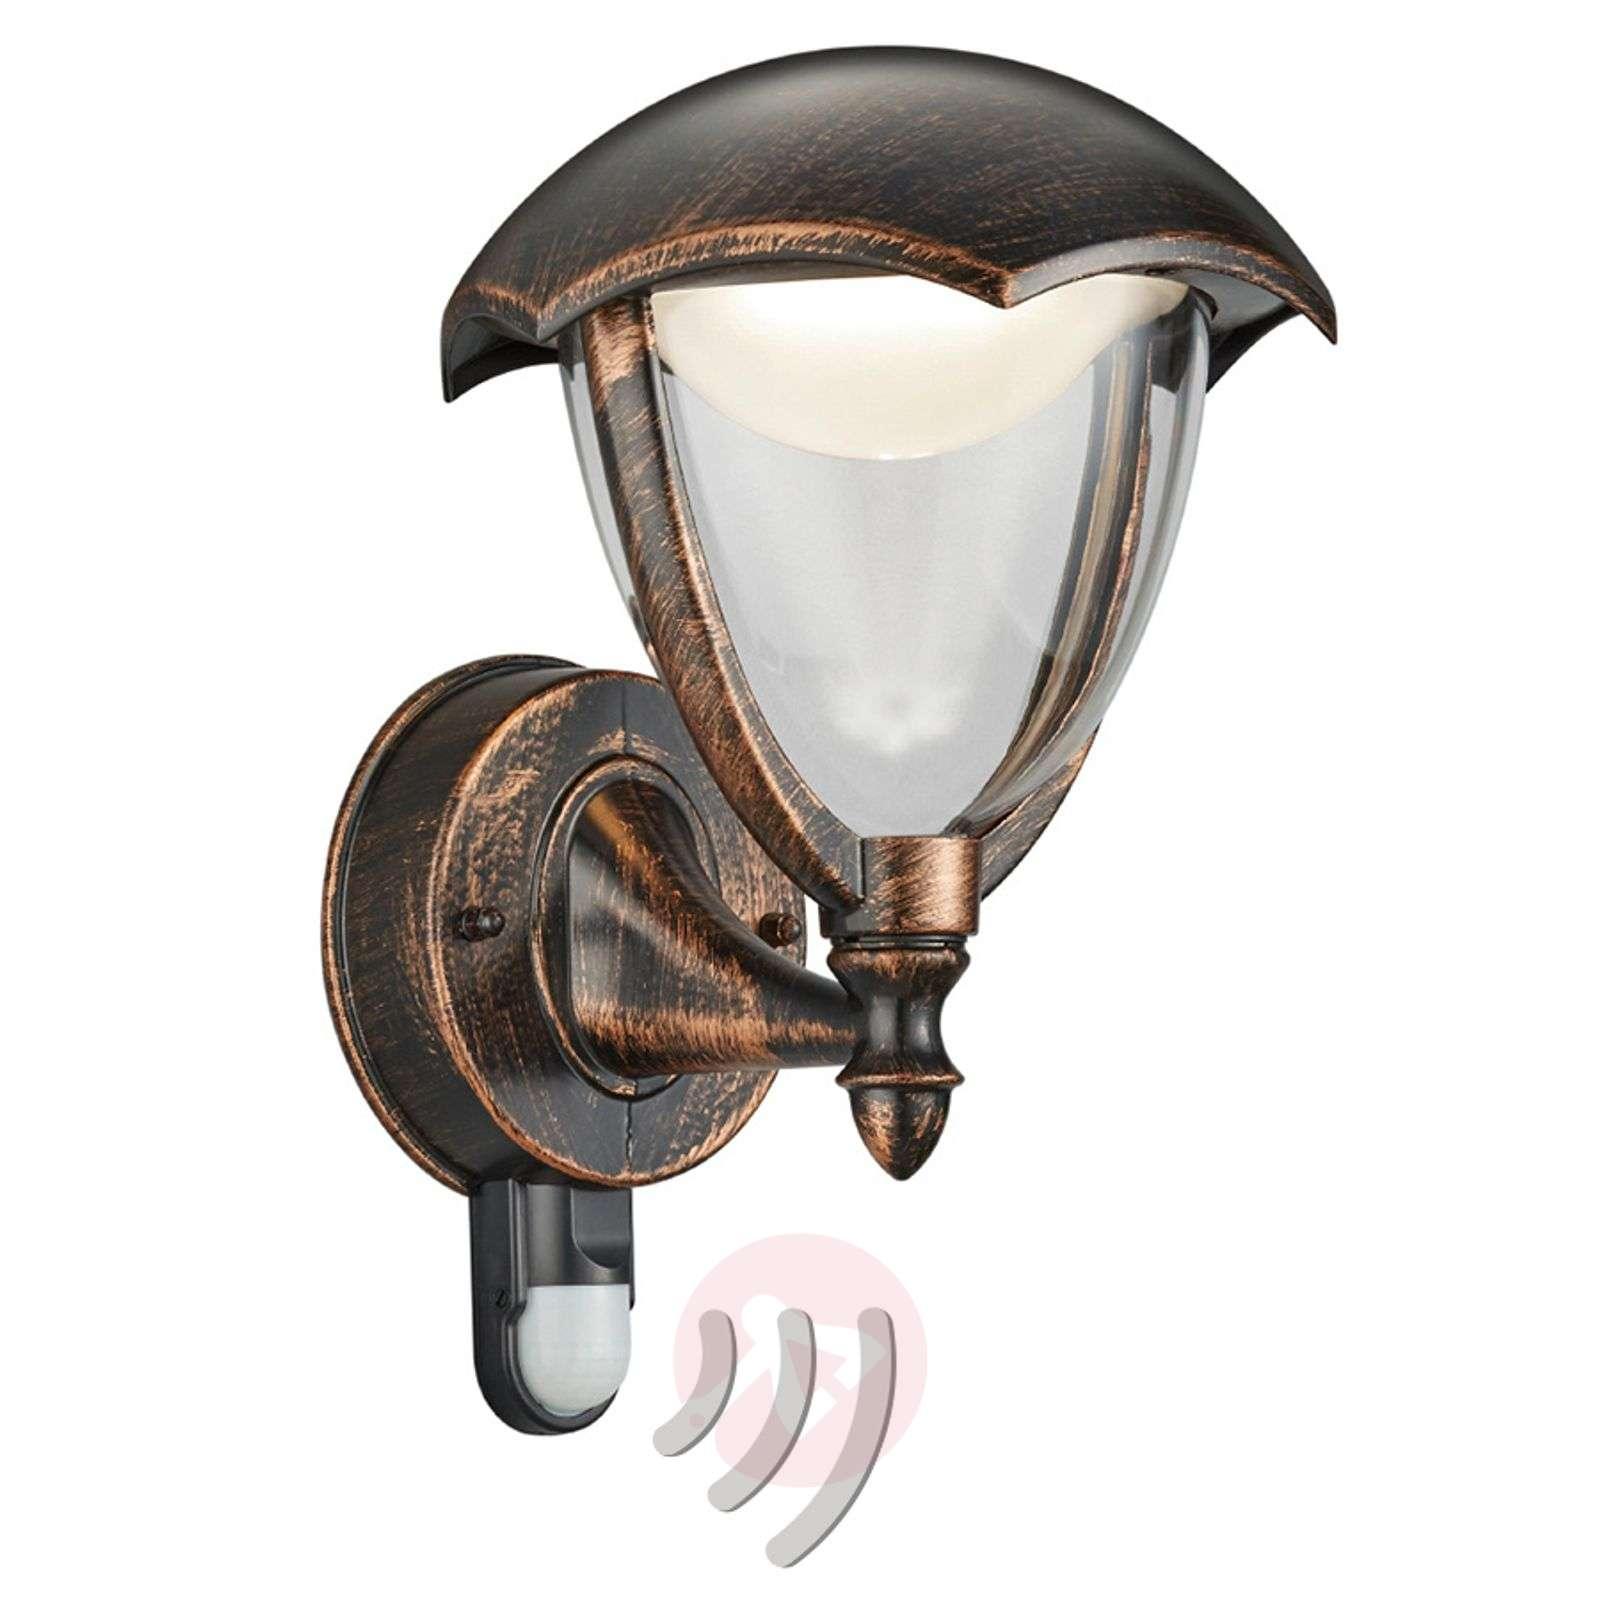 LED outdoor wall light Gracht movement sensor-9005322-01